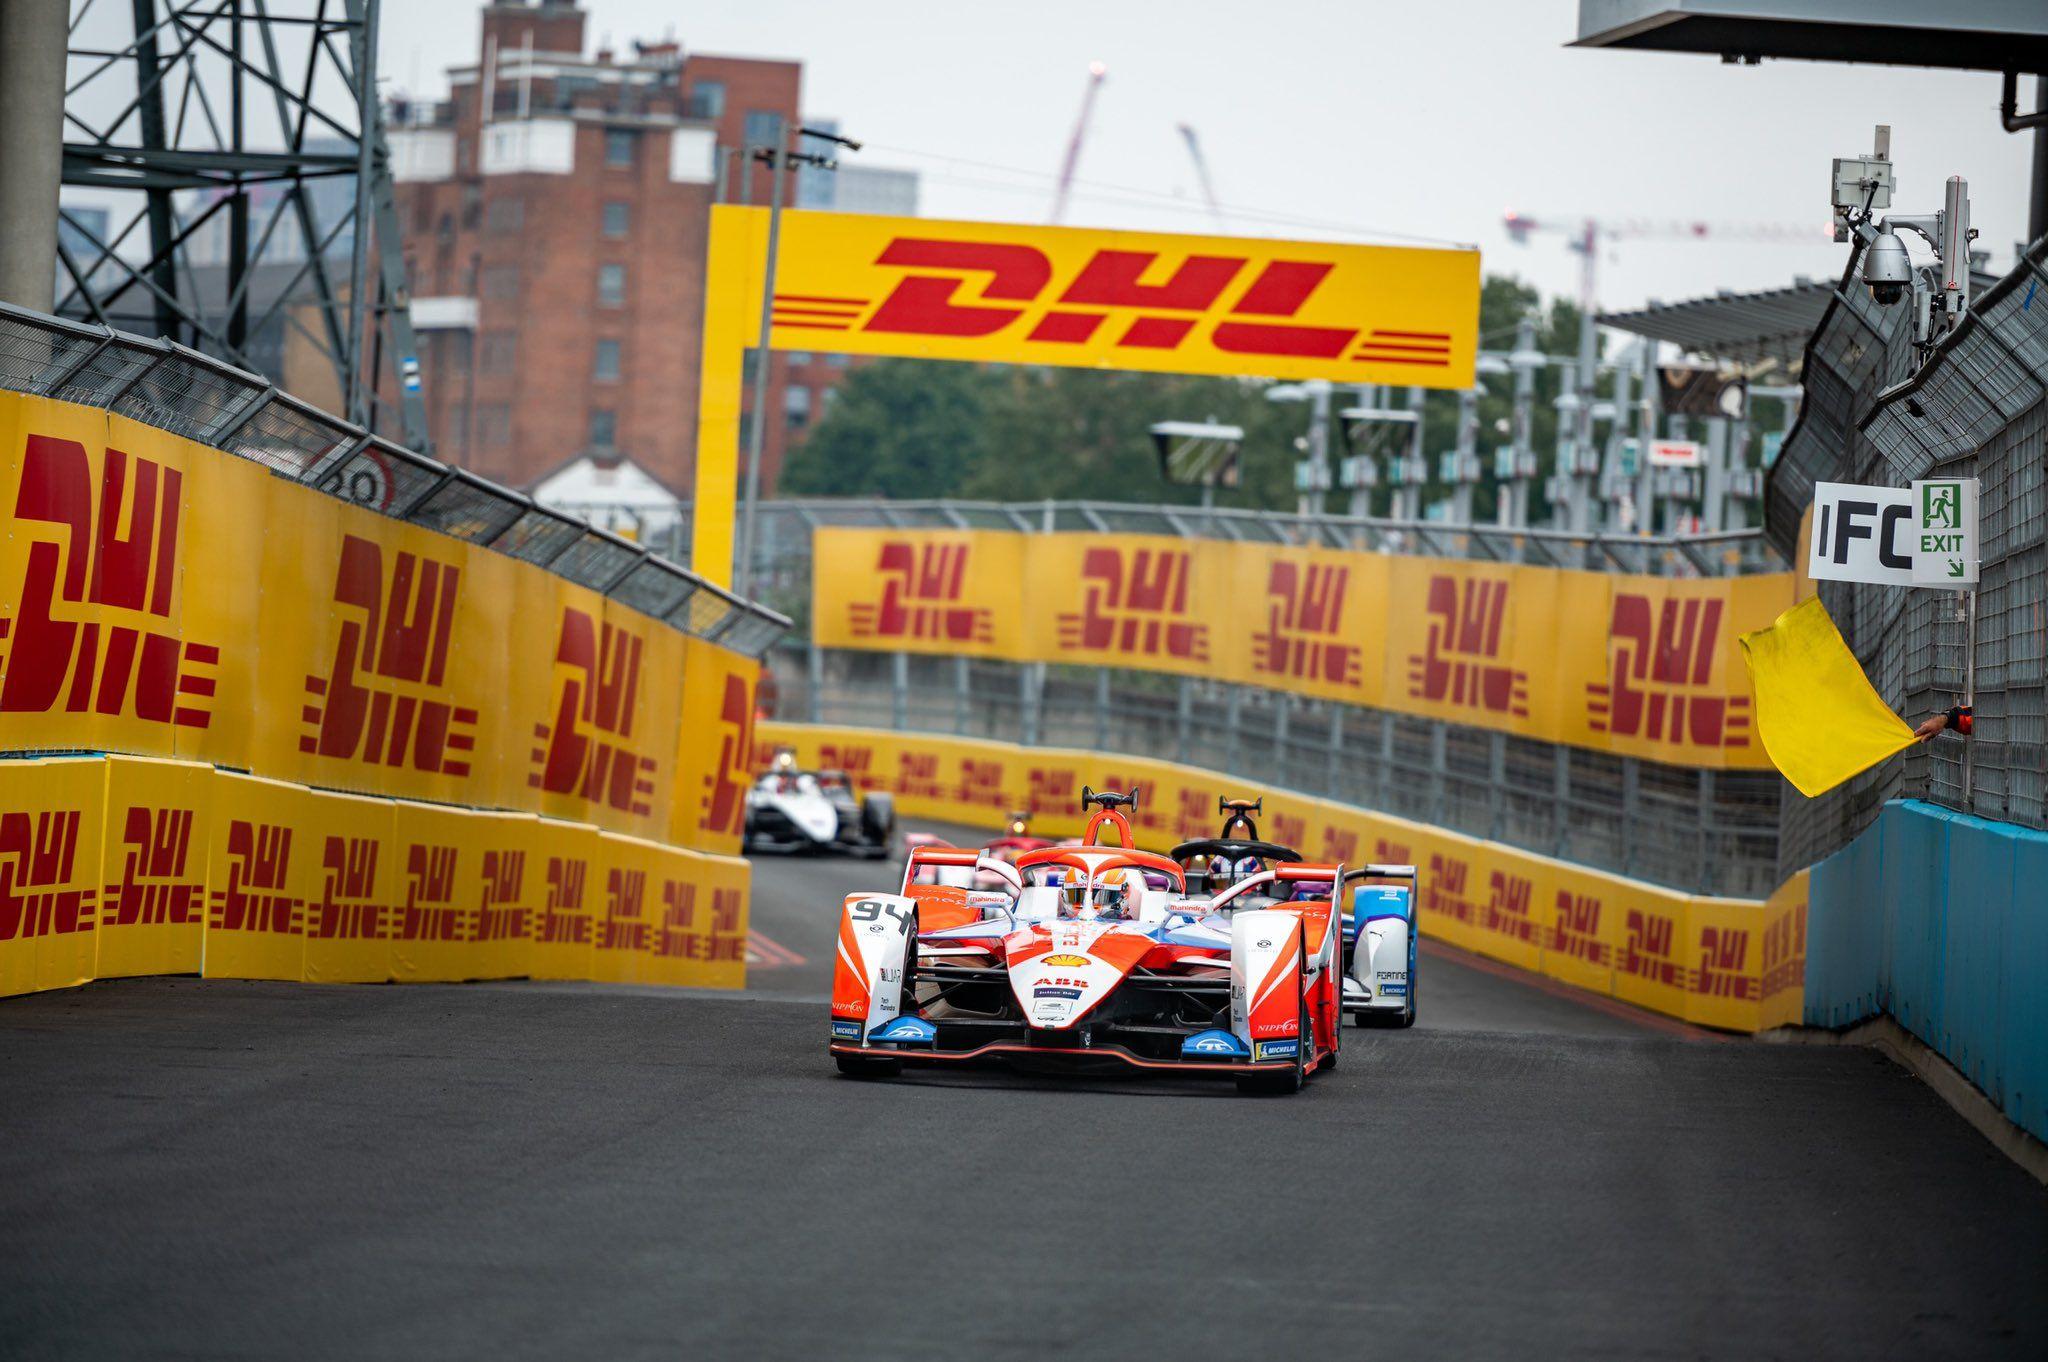 Formula E, Alex Lynn, London EPrix